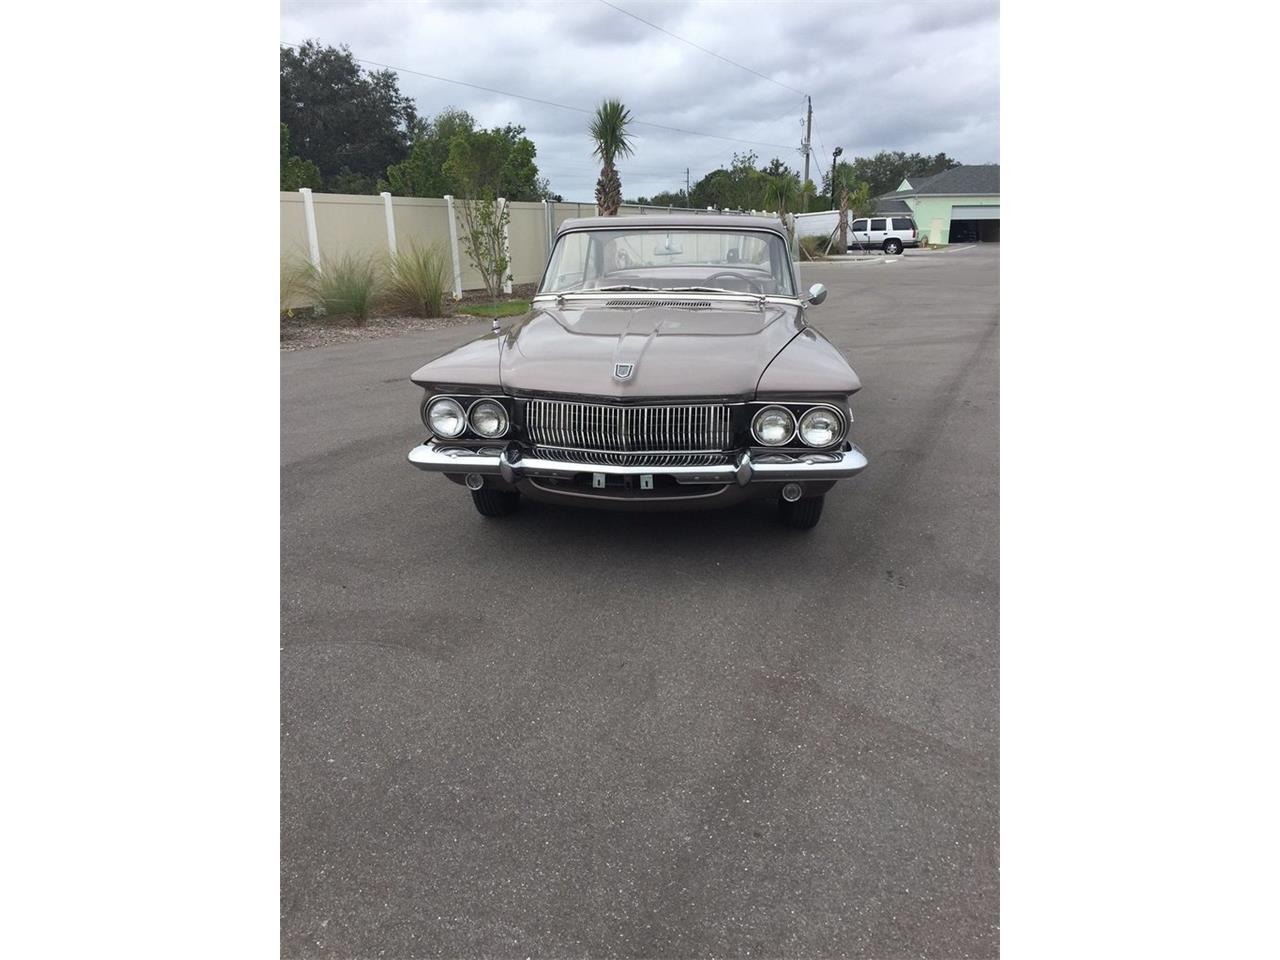 1962 dodge lancer gt hardtop for sale classiccars cc 1062727 62 Dodge Lancer large picture of 62 lancer gt hardtop ms07